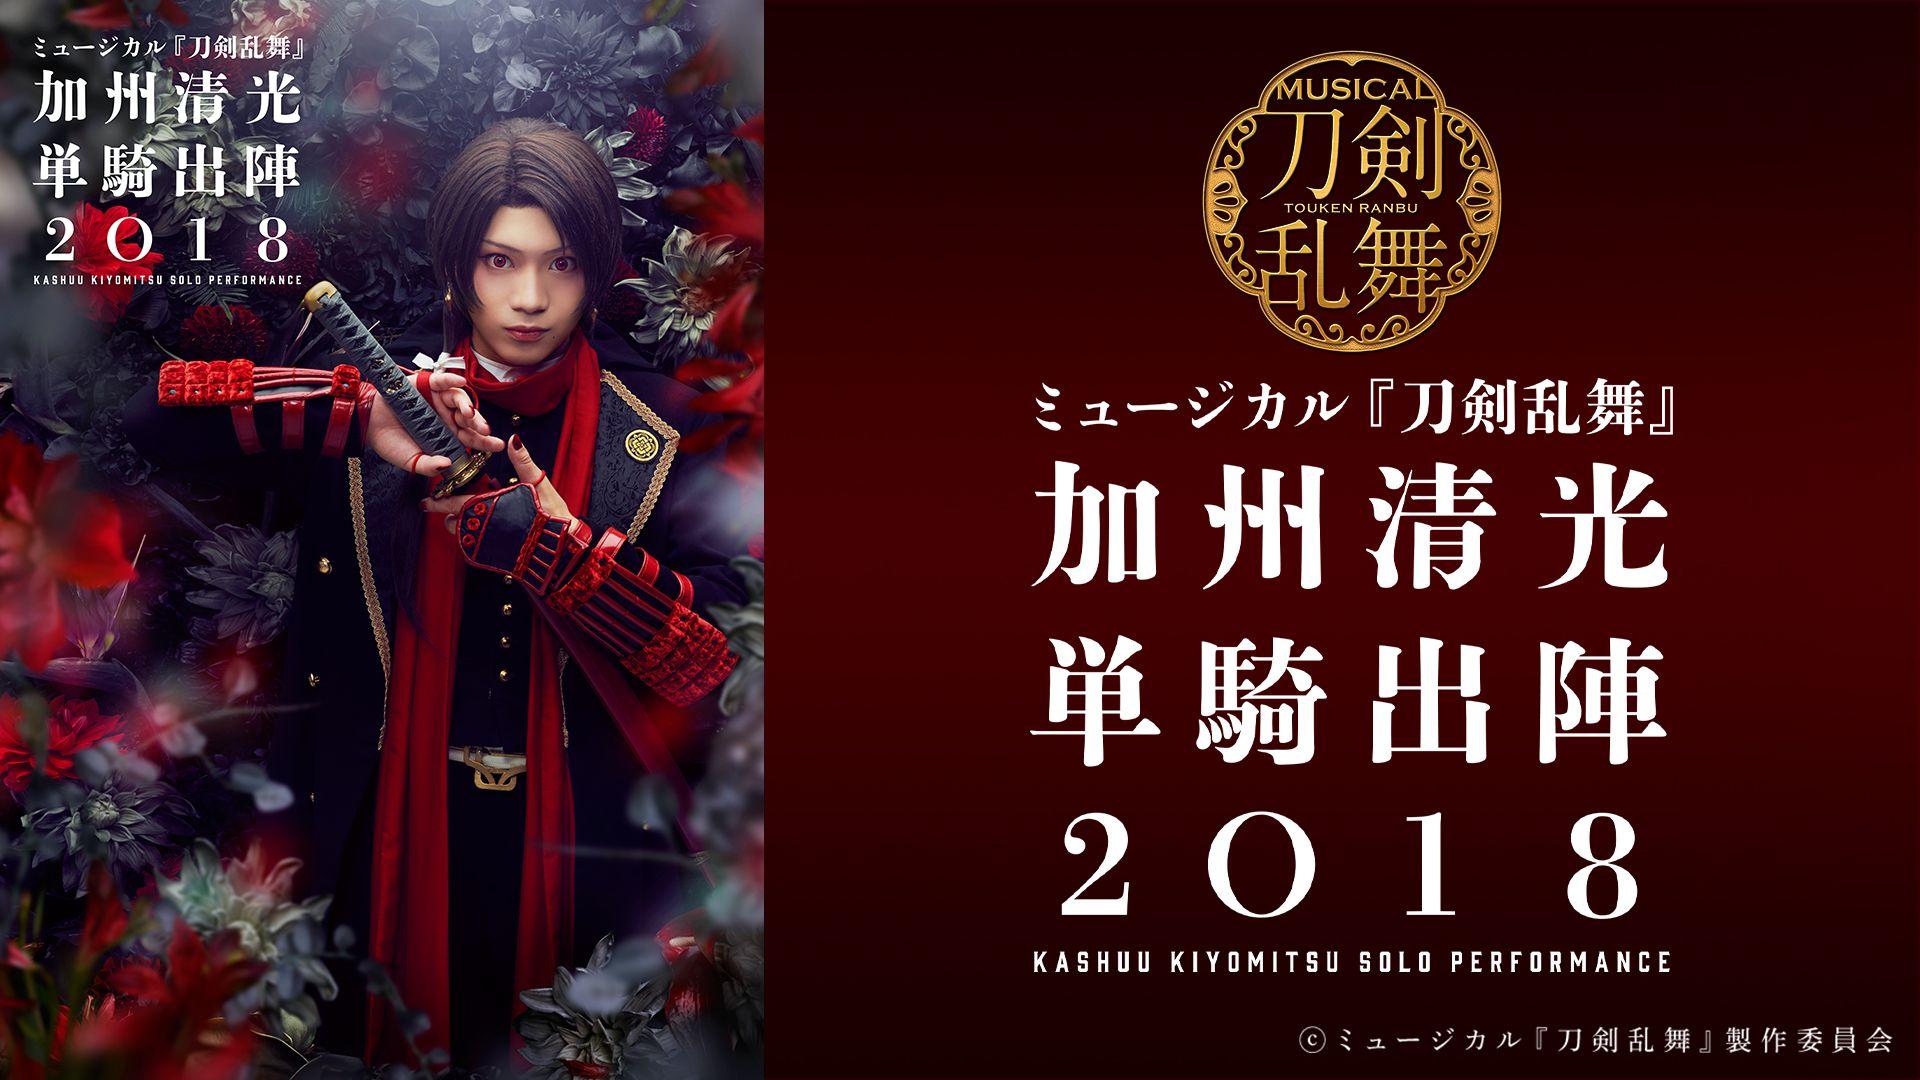 ミュージカル『刀剣乱舞』 加州清光 単騎出陣2018 (dアニメストア)